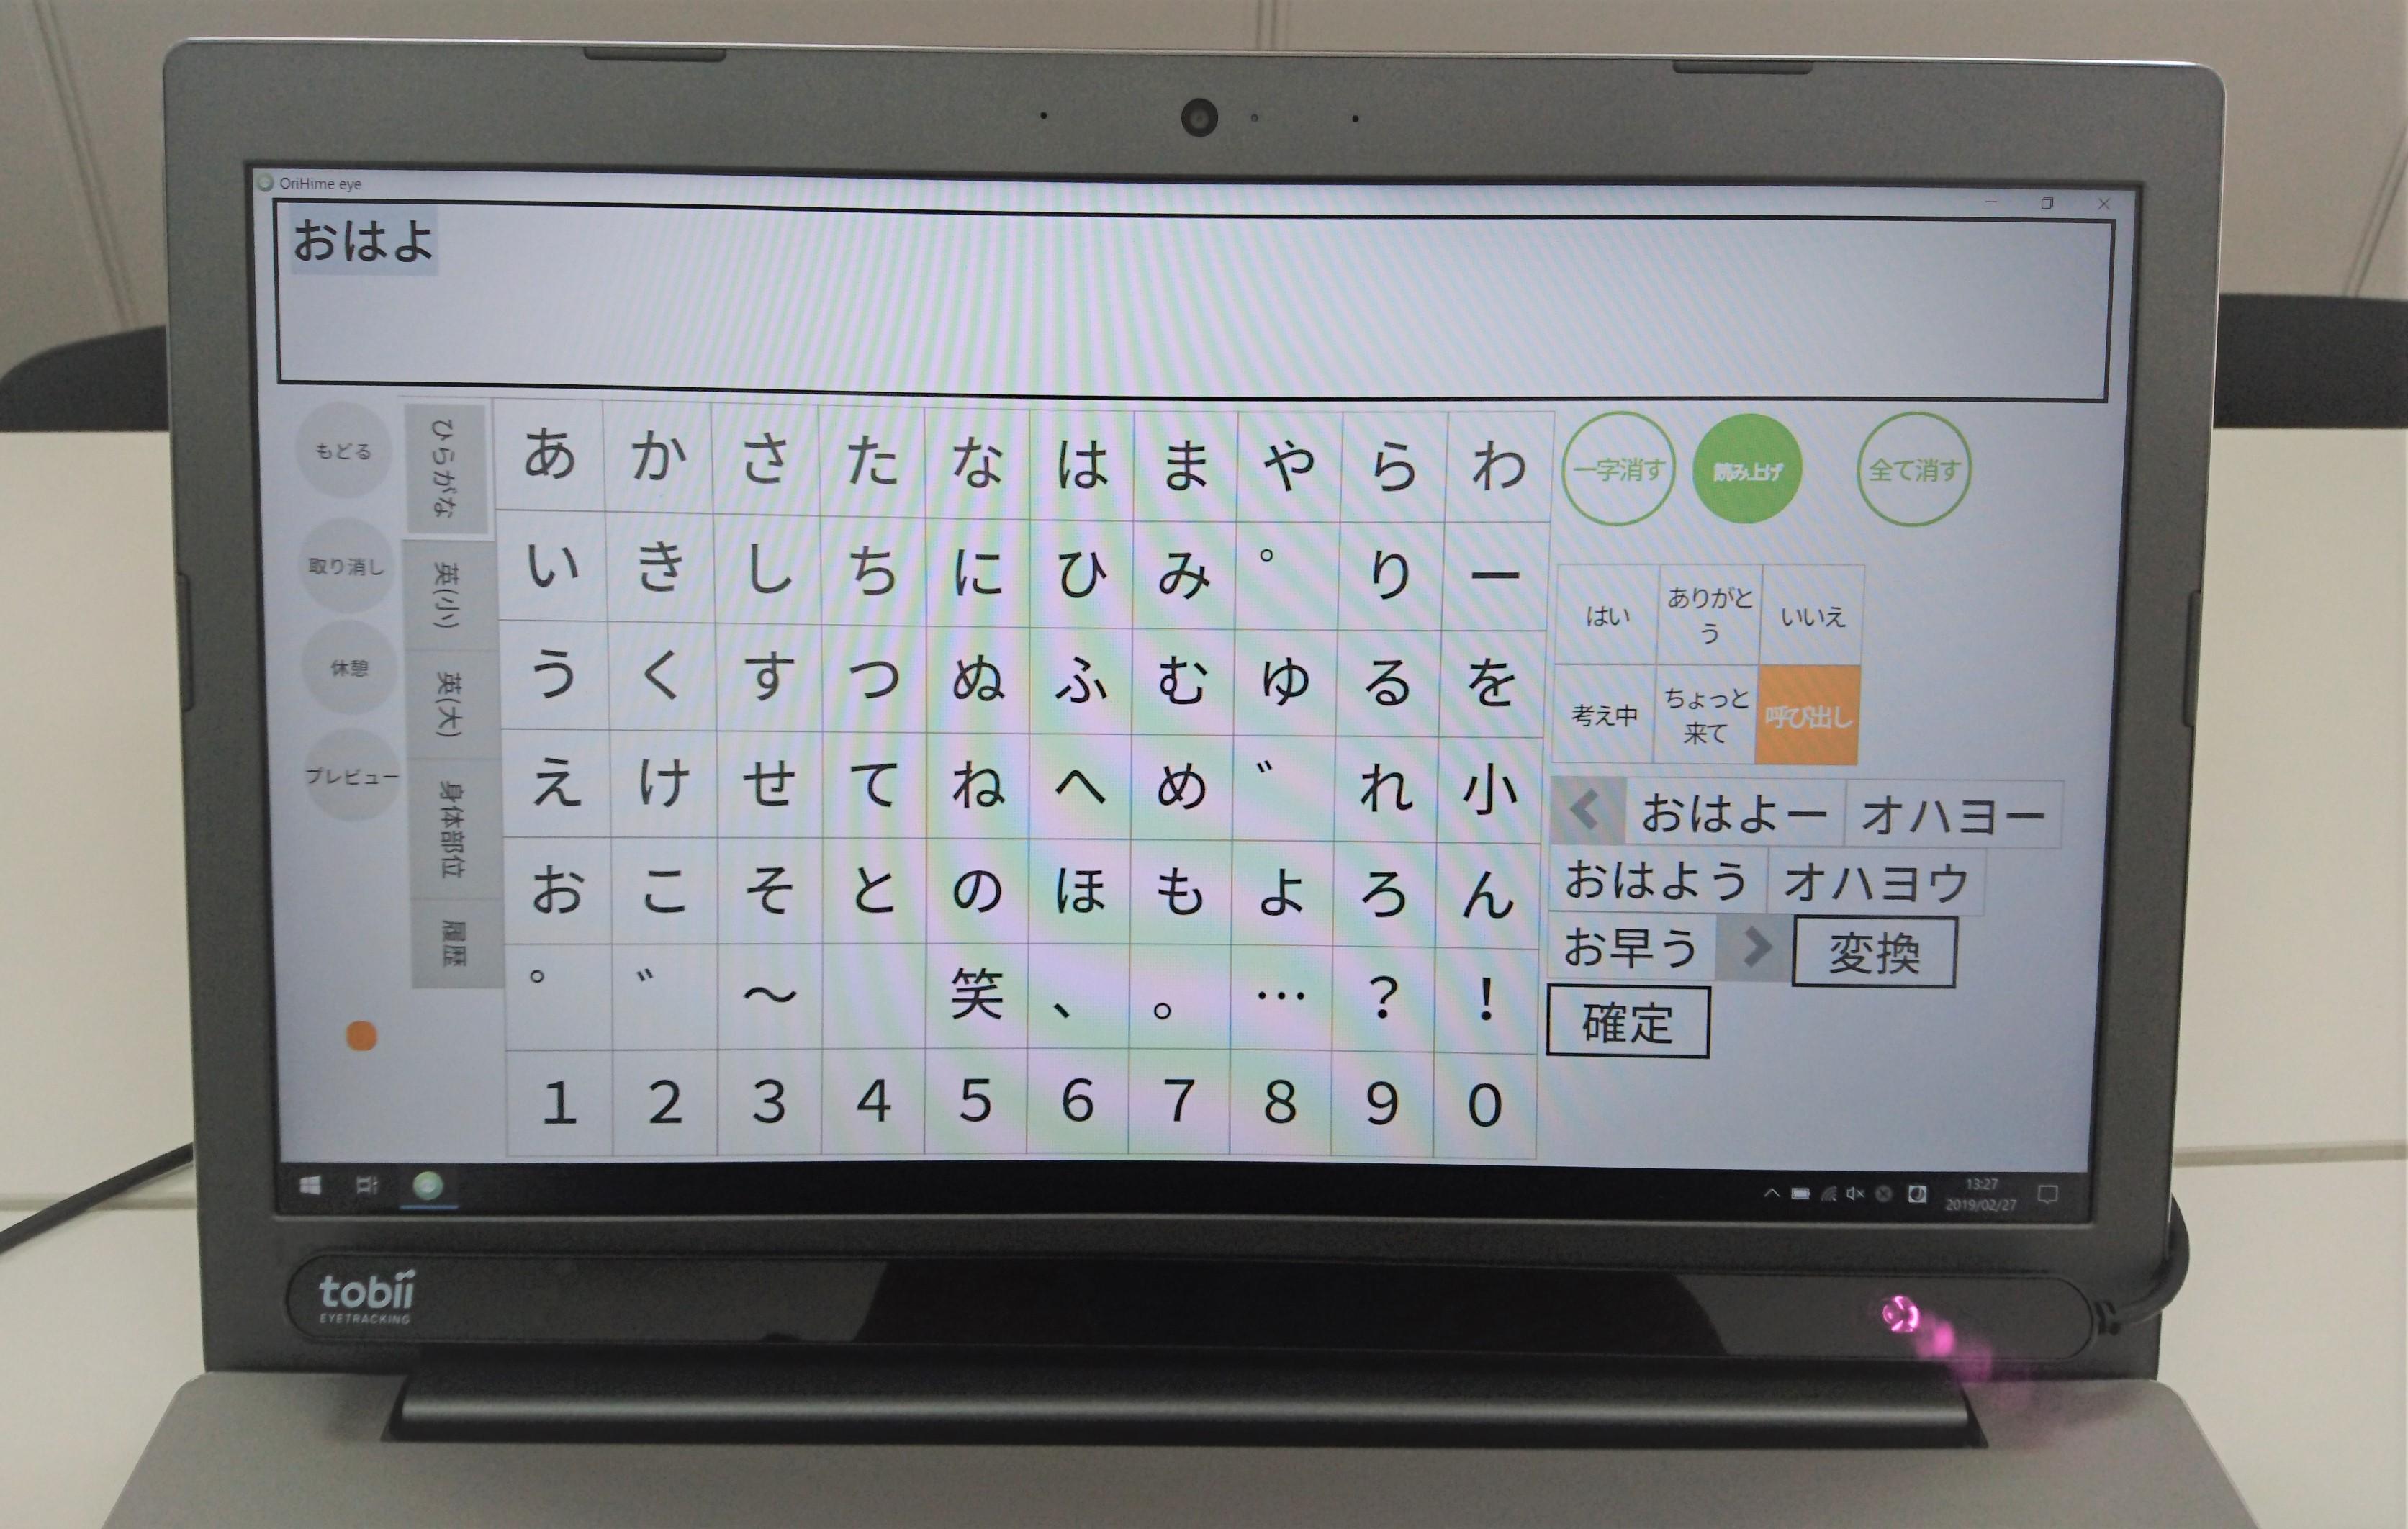 C-98 デジタル透明文字盤 オリヒメアイ ノートパソコンに文字盤が表示されている